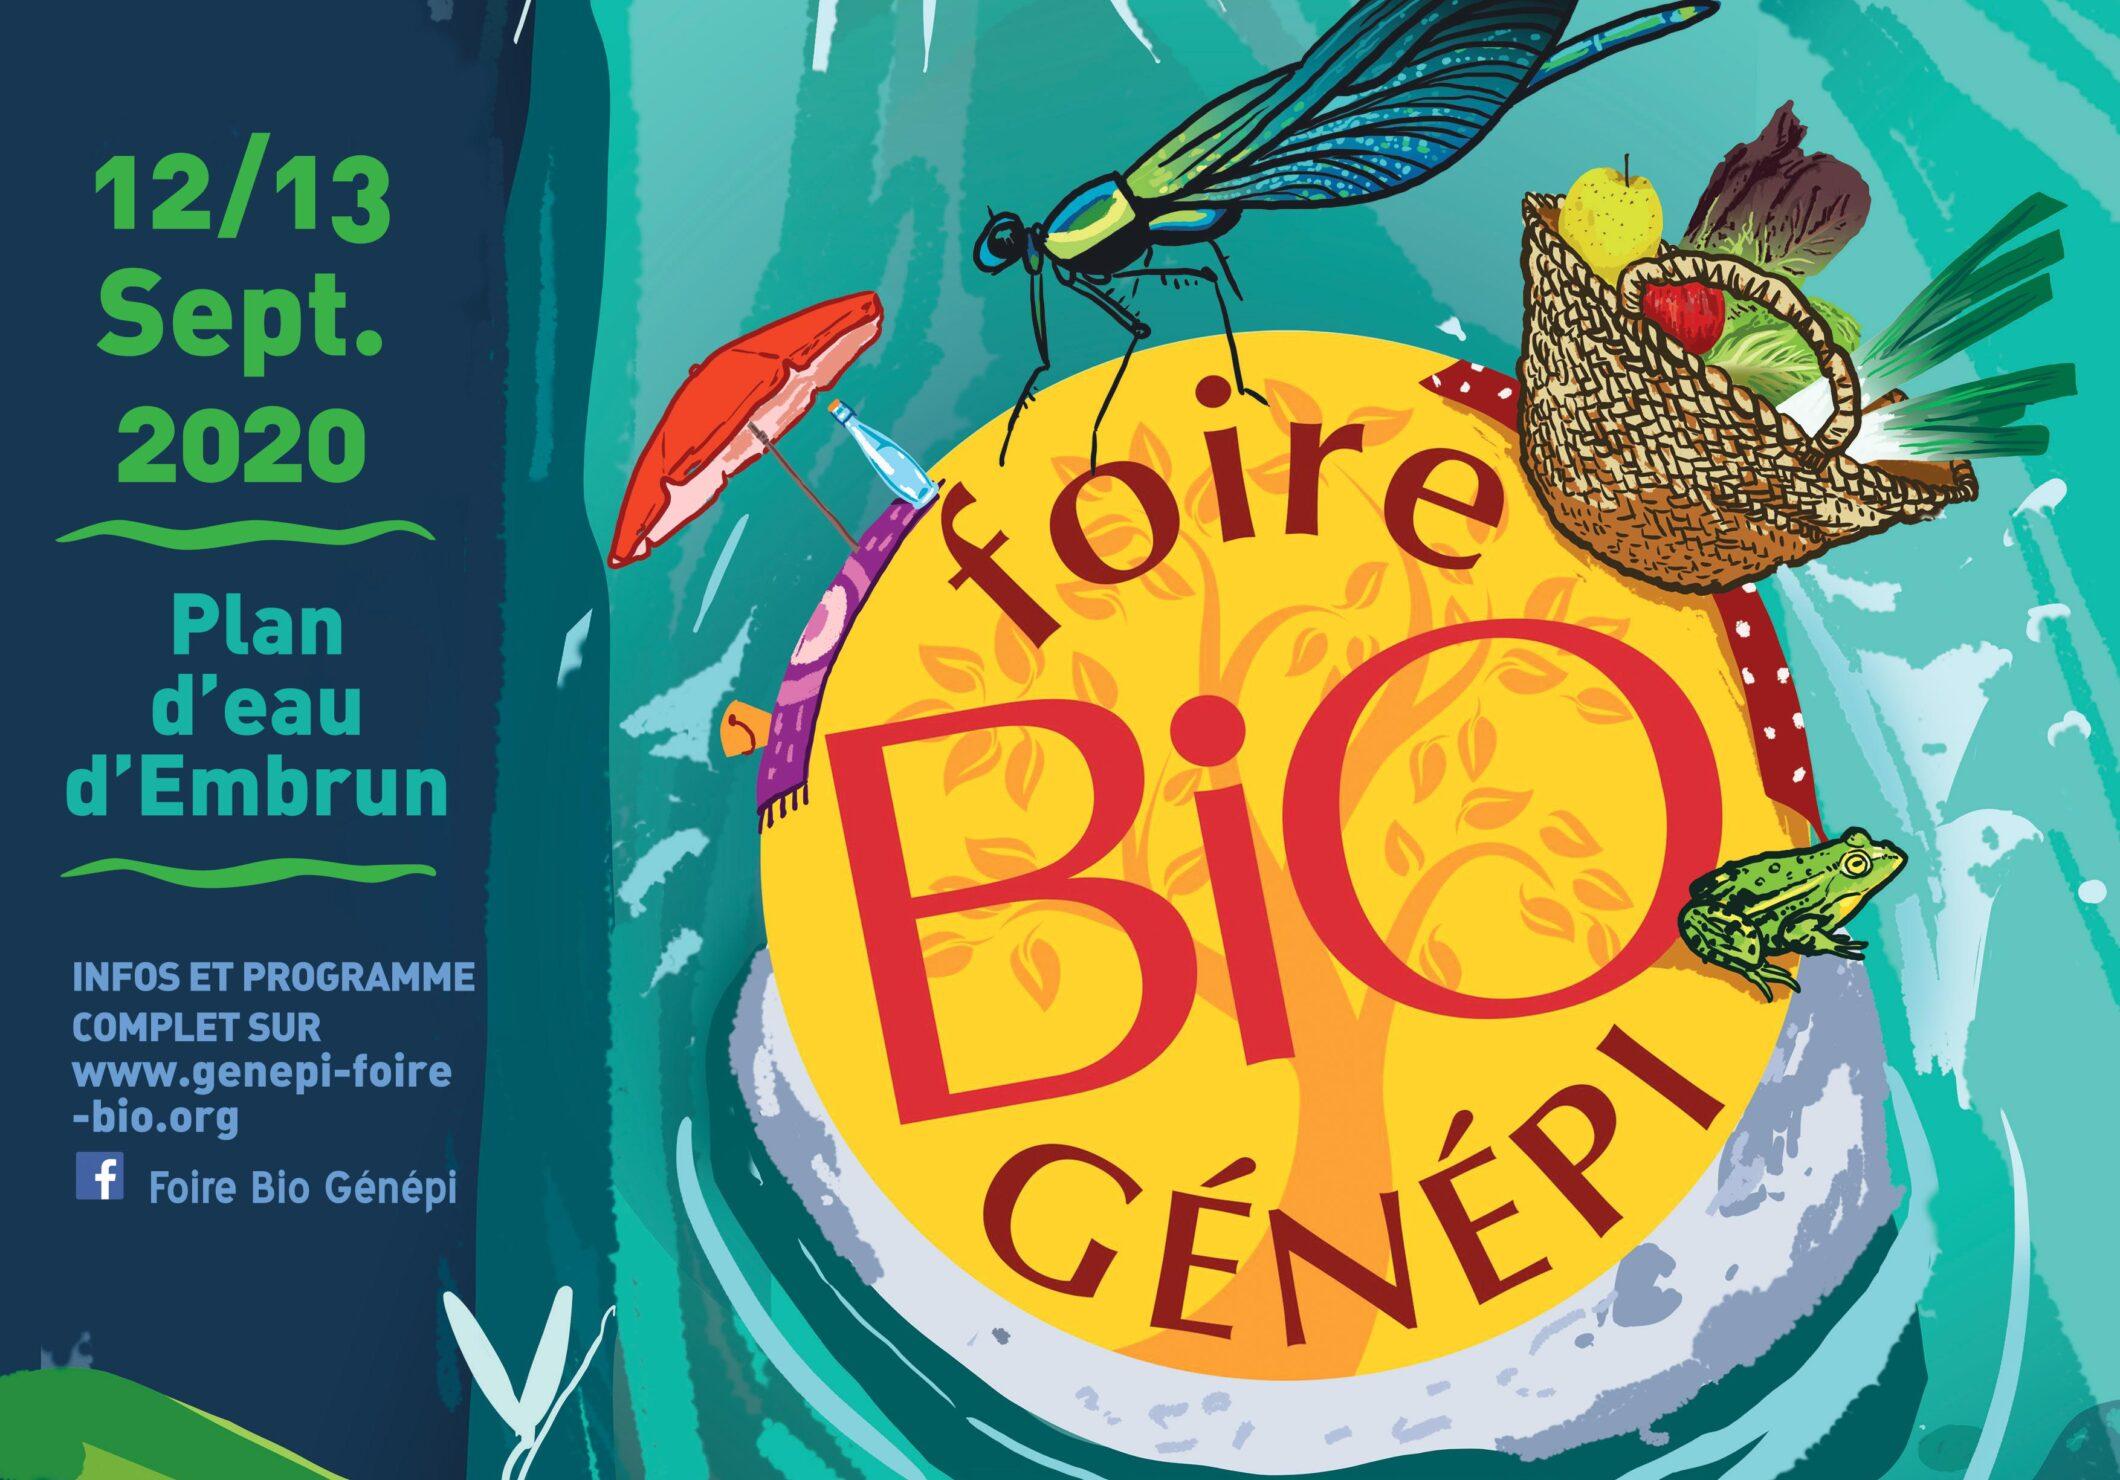 Affiche de la foire bio génépi